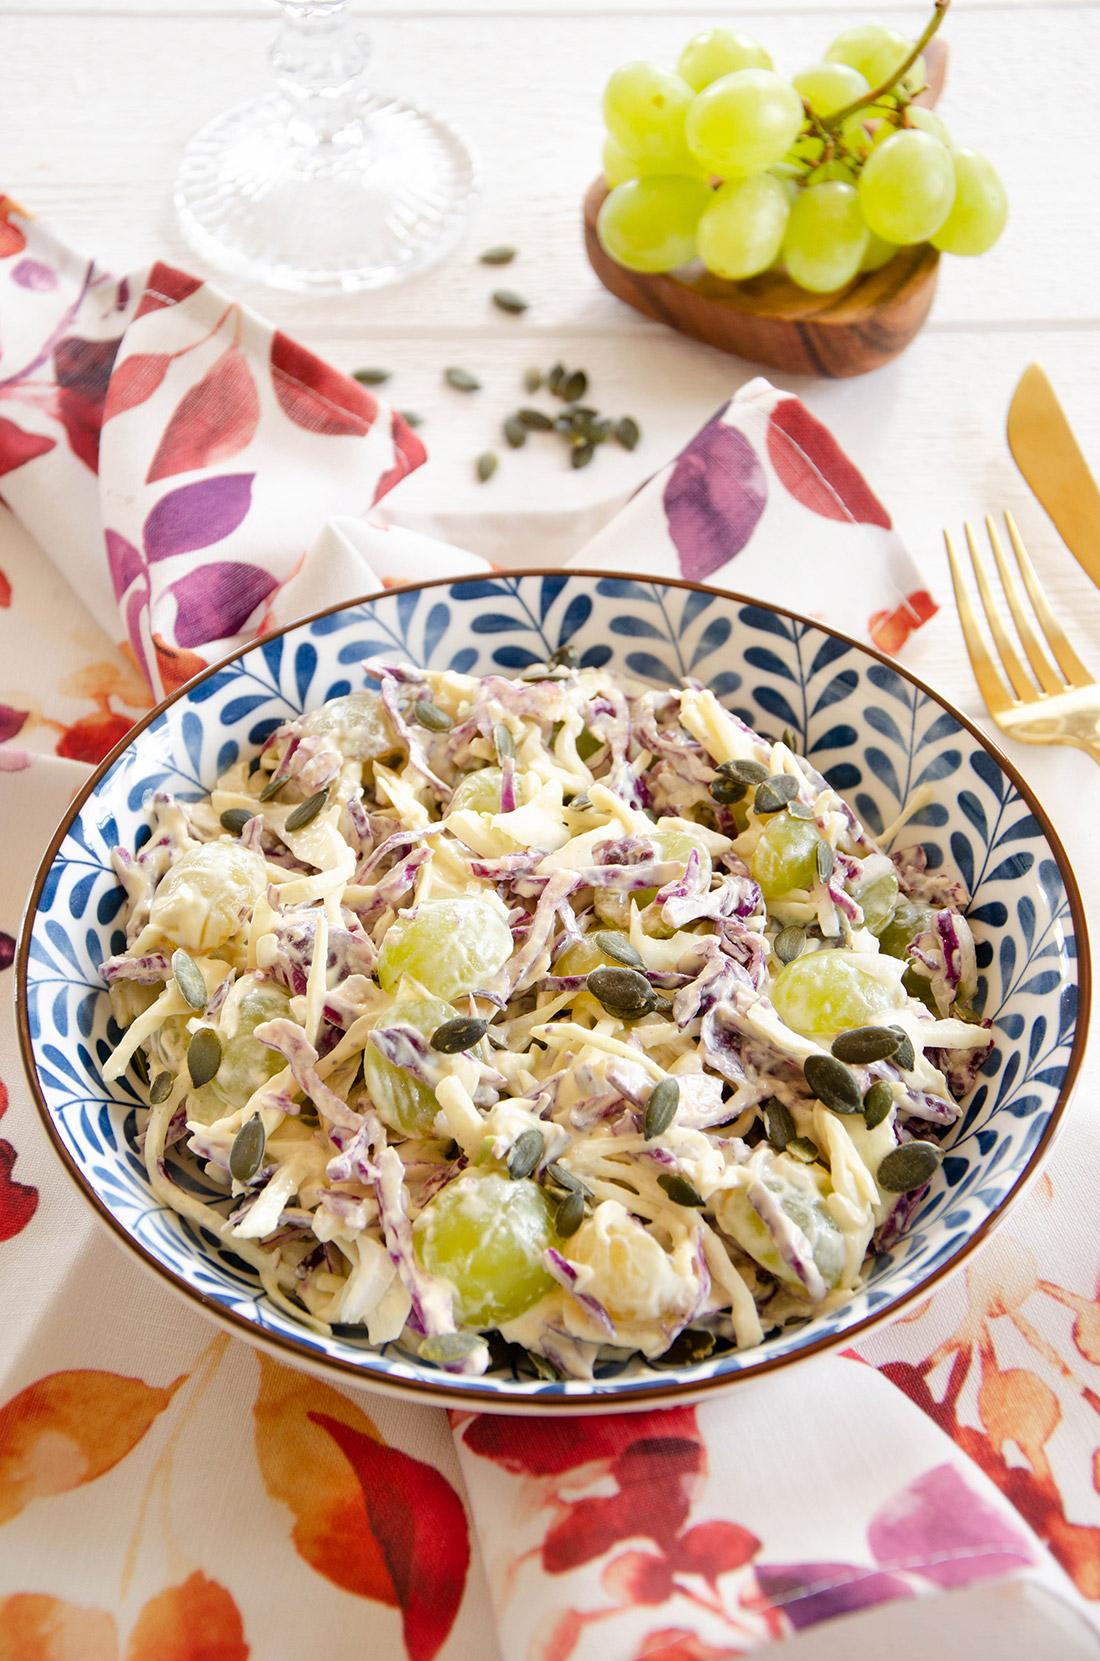 coleslaw chou et raisins maison